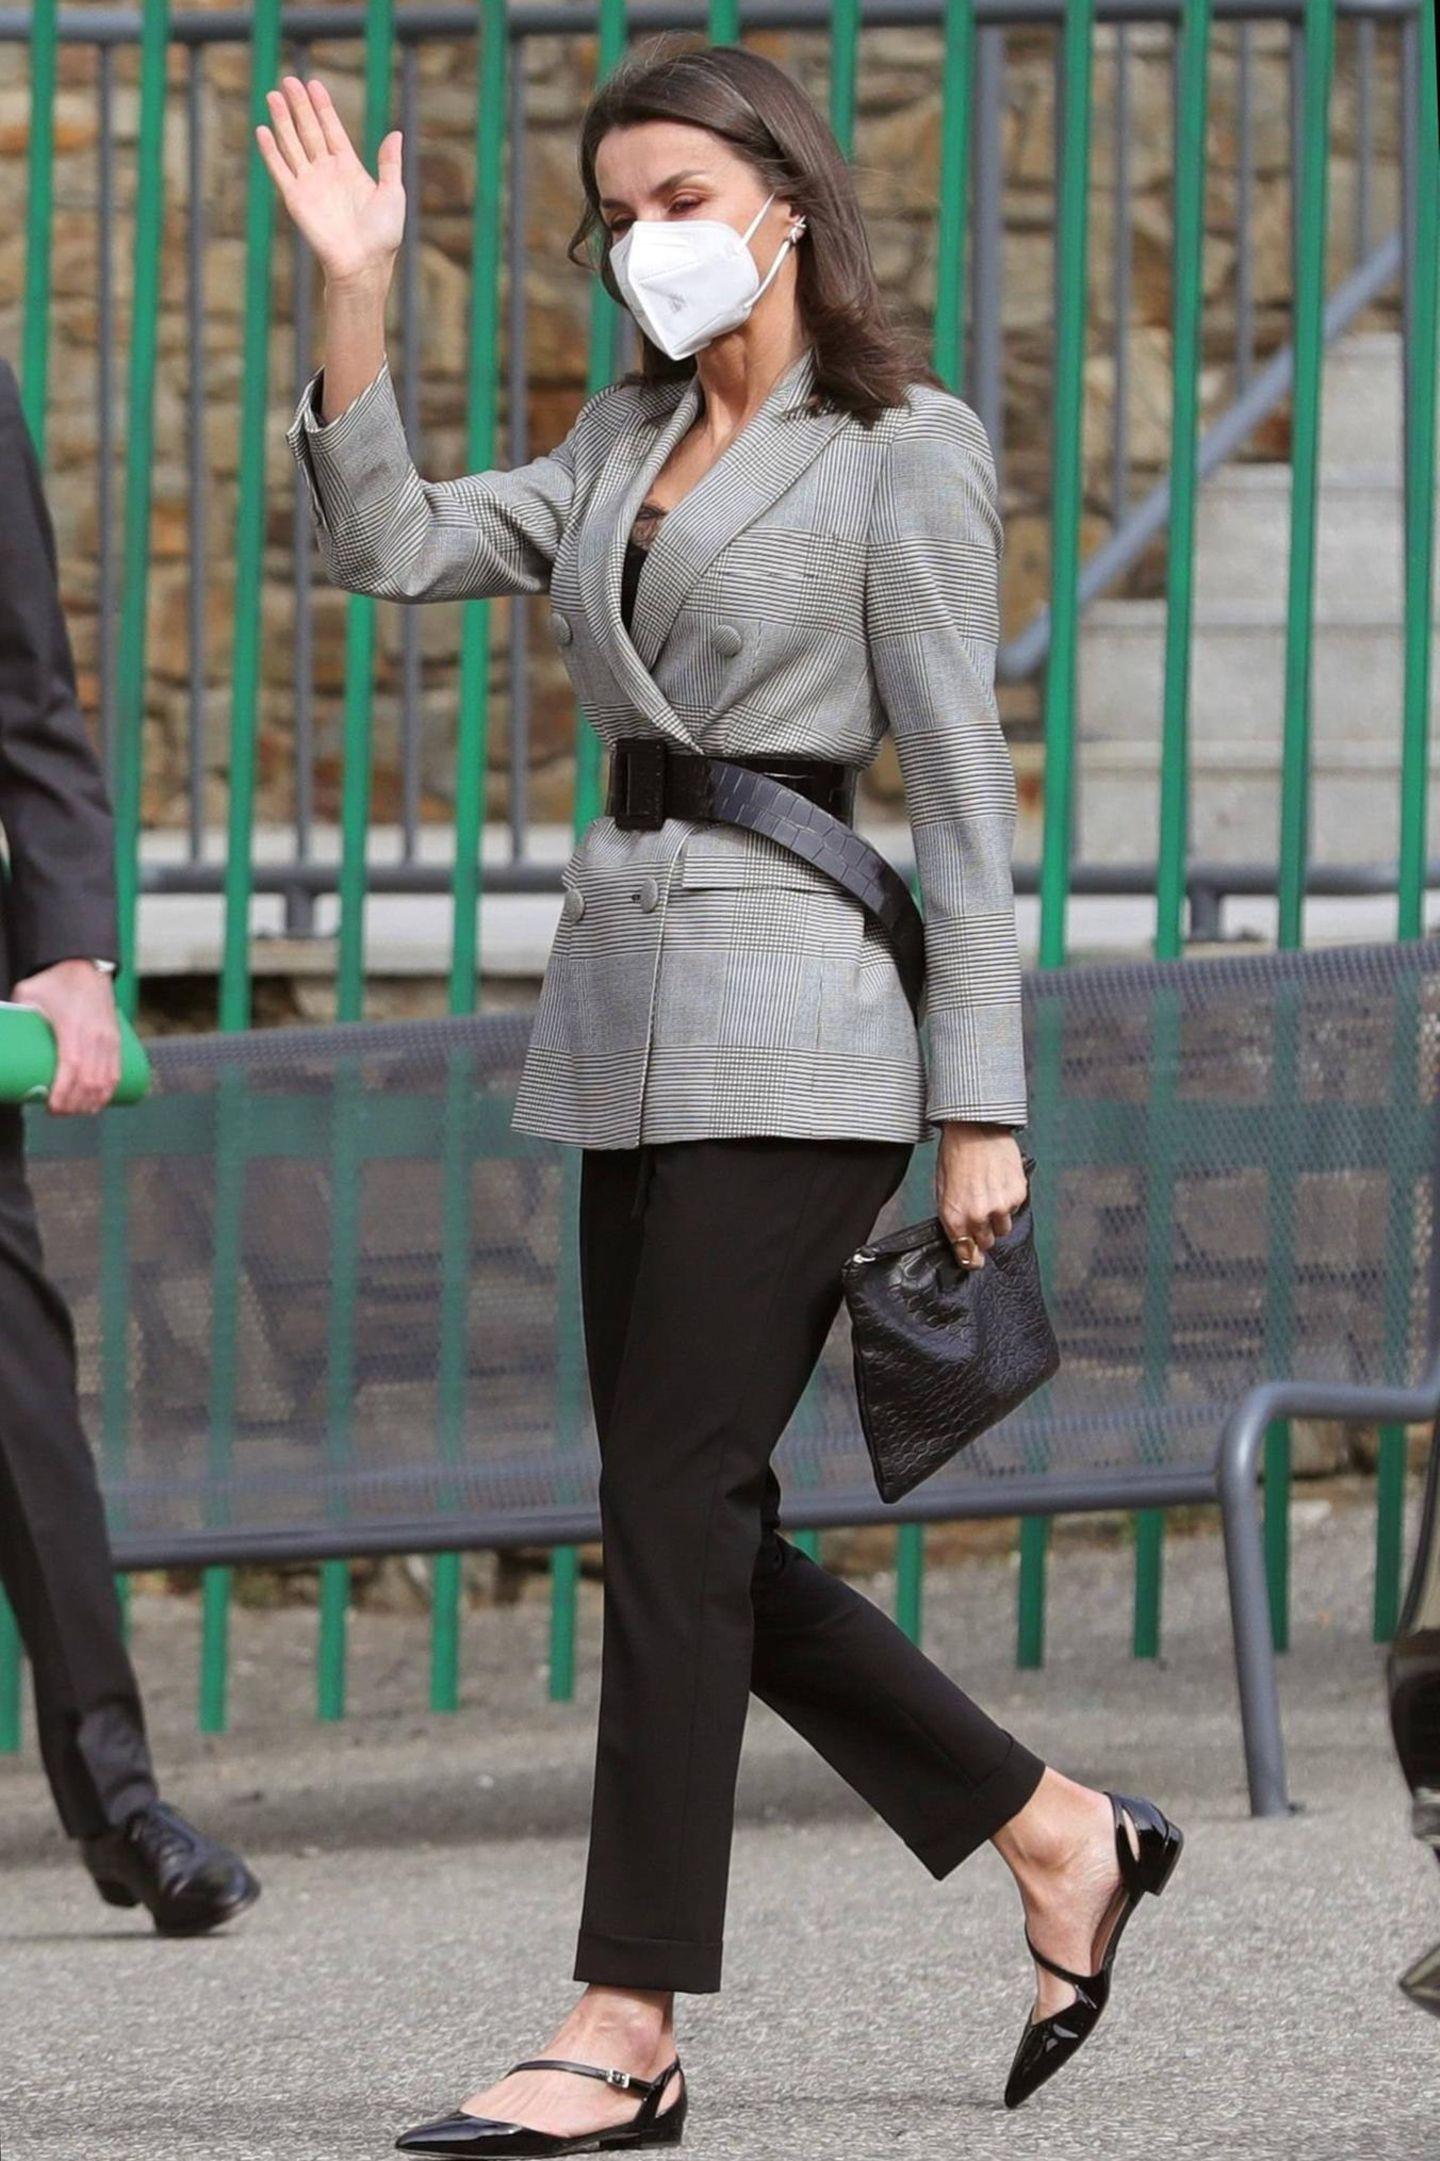 Es ist der zweite Tag von Königin Letizias und König Felipes Andorra-Reise. Das spanische Oberhaupt trägt einen schlichten Look bestehend aus einer schwarzen Hose und einem grau-melierten Blazer des Labels Carolina Herrera, den Letizia gekonnt mit einem Taillengürtel upgradet. Doch wirklich ungewohnt ist das Schuhwerk der 48-Jährigen: Denn flache Schuhe, wie dieses Ballerina-Modell von Hugo Boss, sehen wir äußerst selten an der 1,70 Meter großen Schönheit.